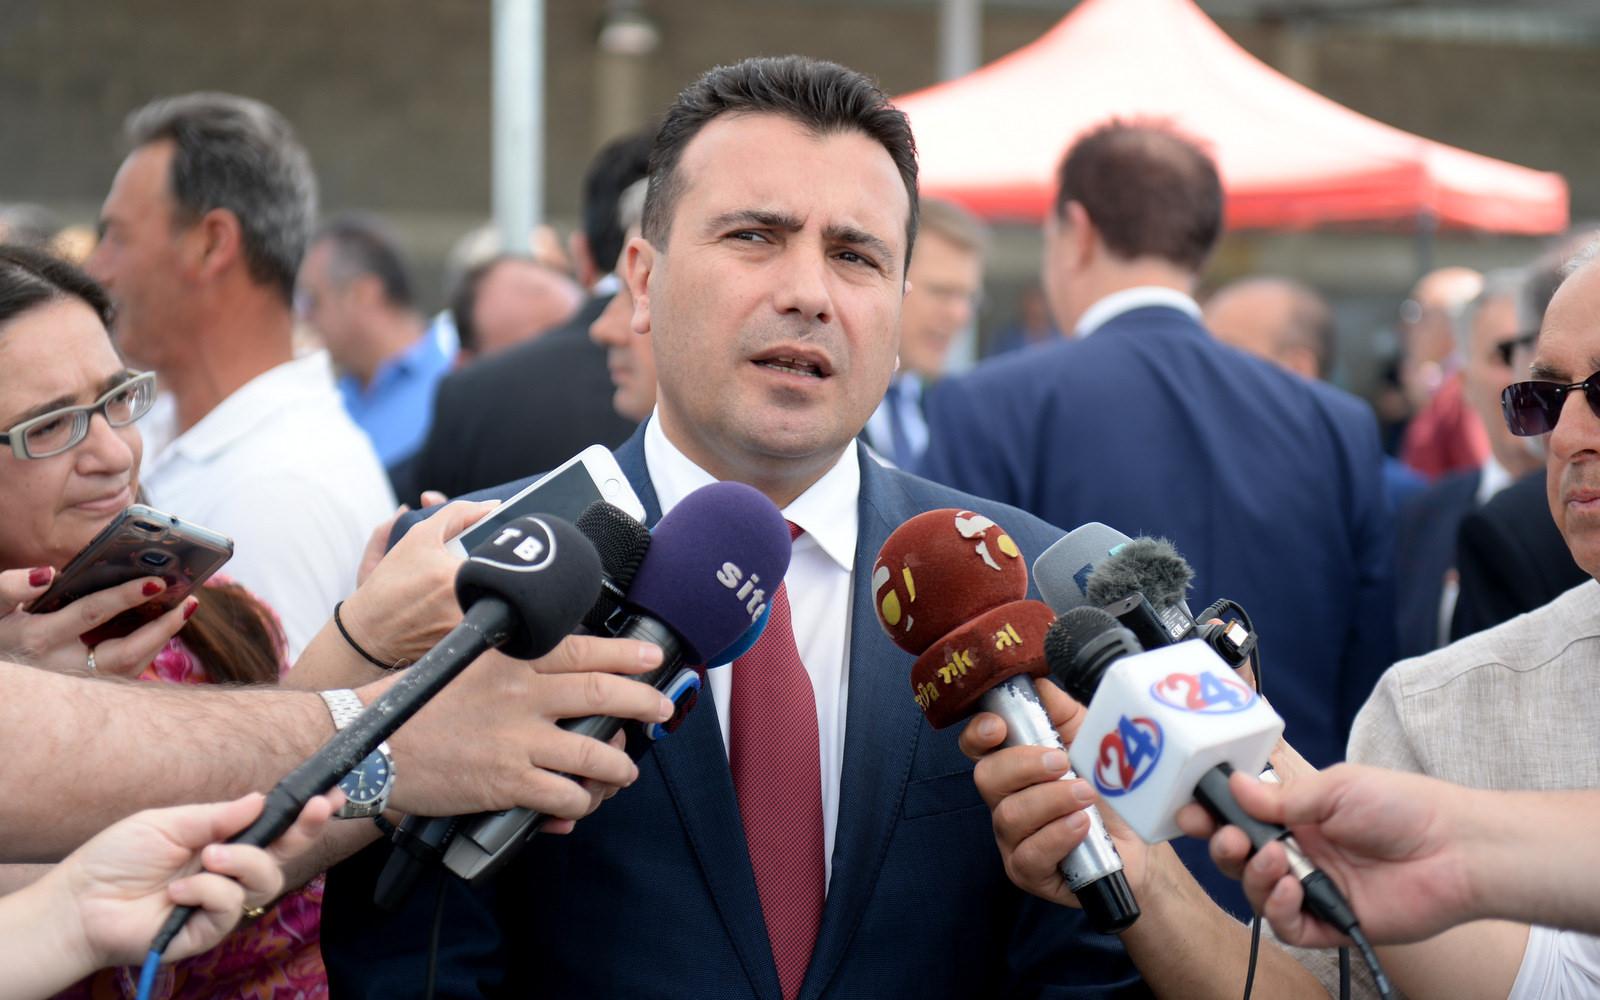 Λύση στο θέμα του ονόματος μέχρι τη Σύνοδο Κορυφής της ΕΕ προβλέπει ο Zaev